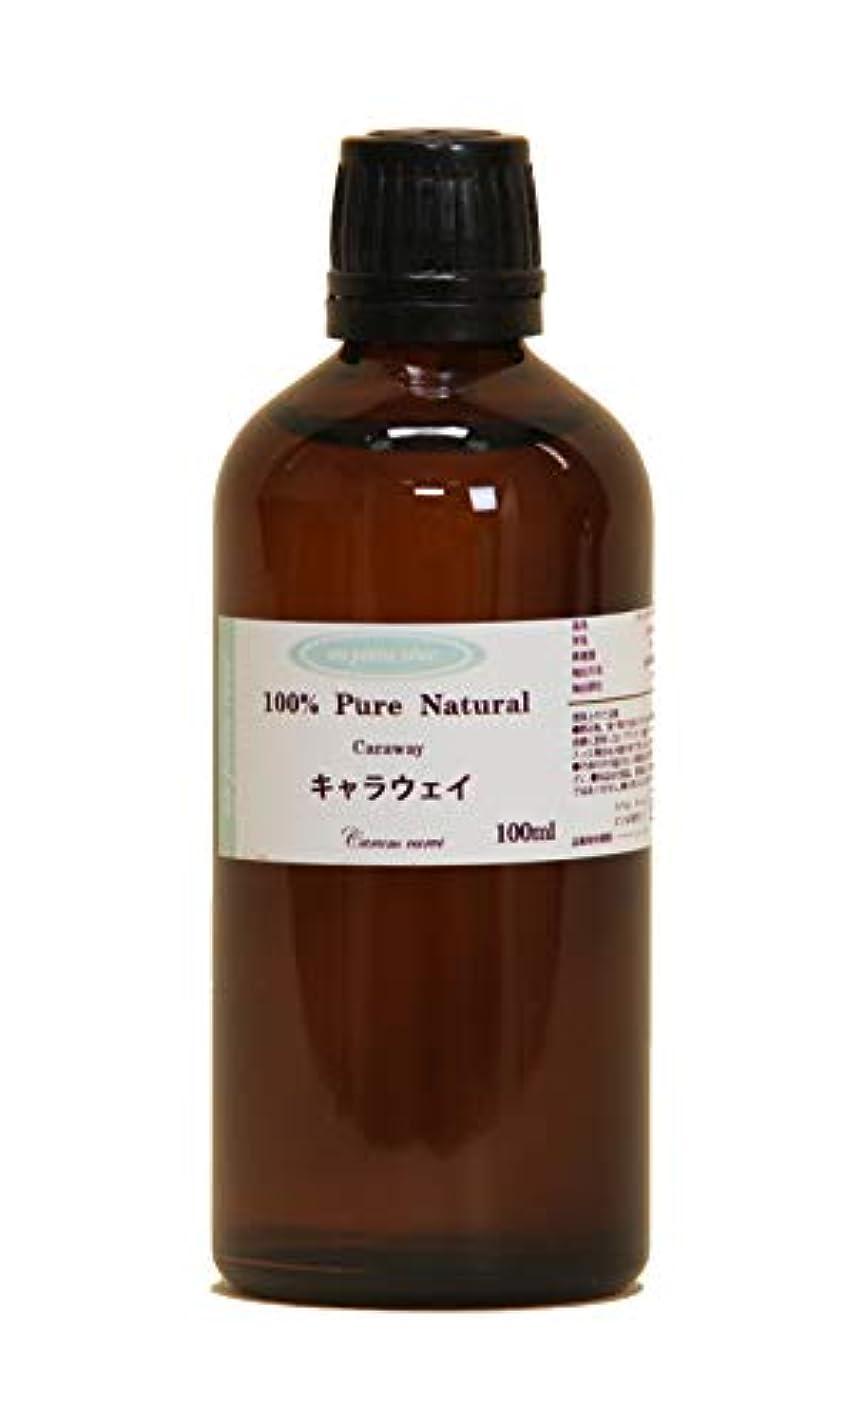 節約フォージシンプルさキャラウェイ  100ml 100%天然アロマエッセンシャルオイル(精油)